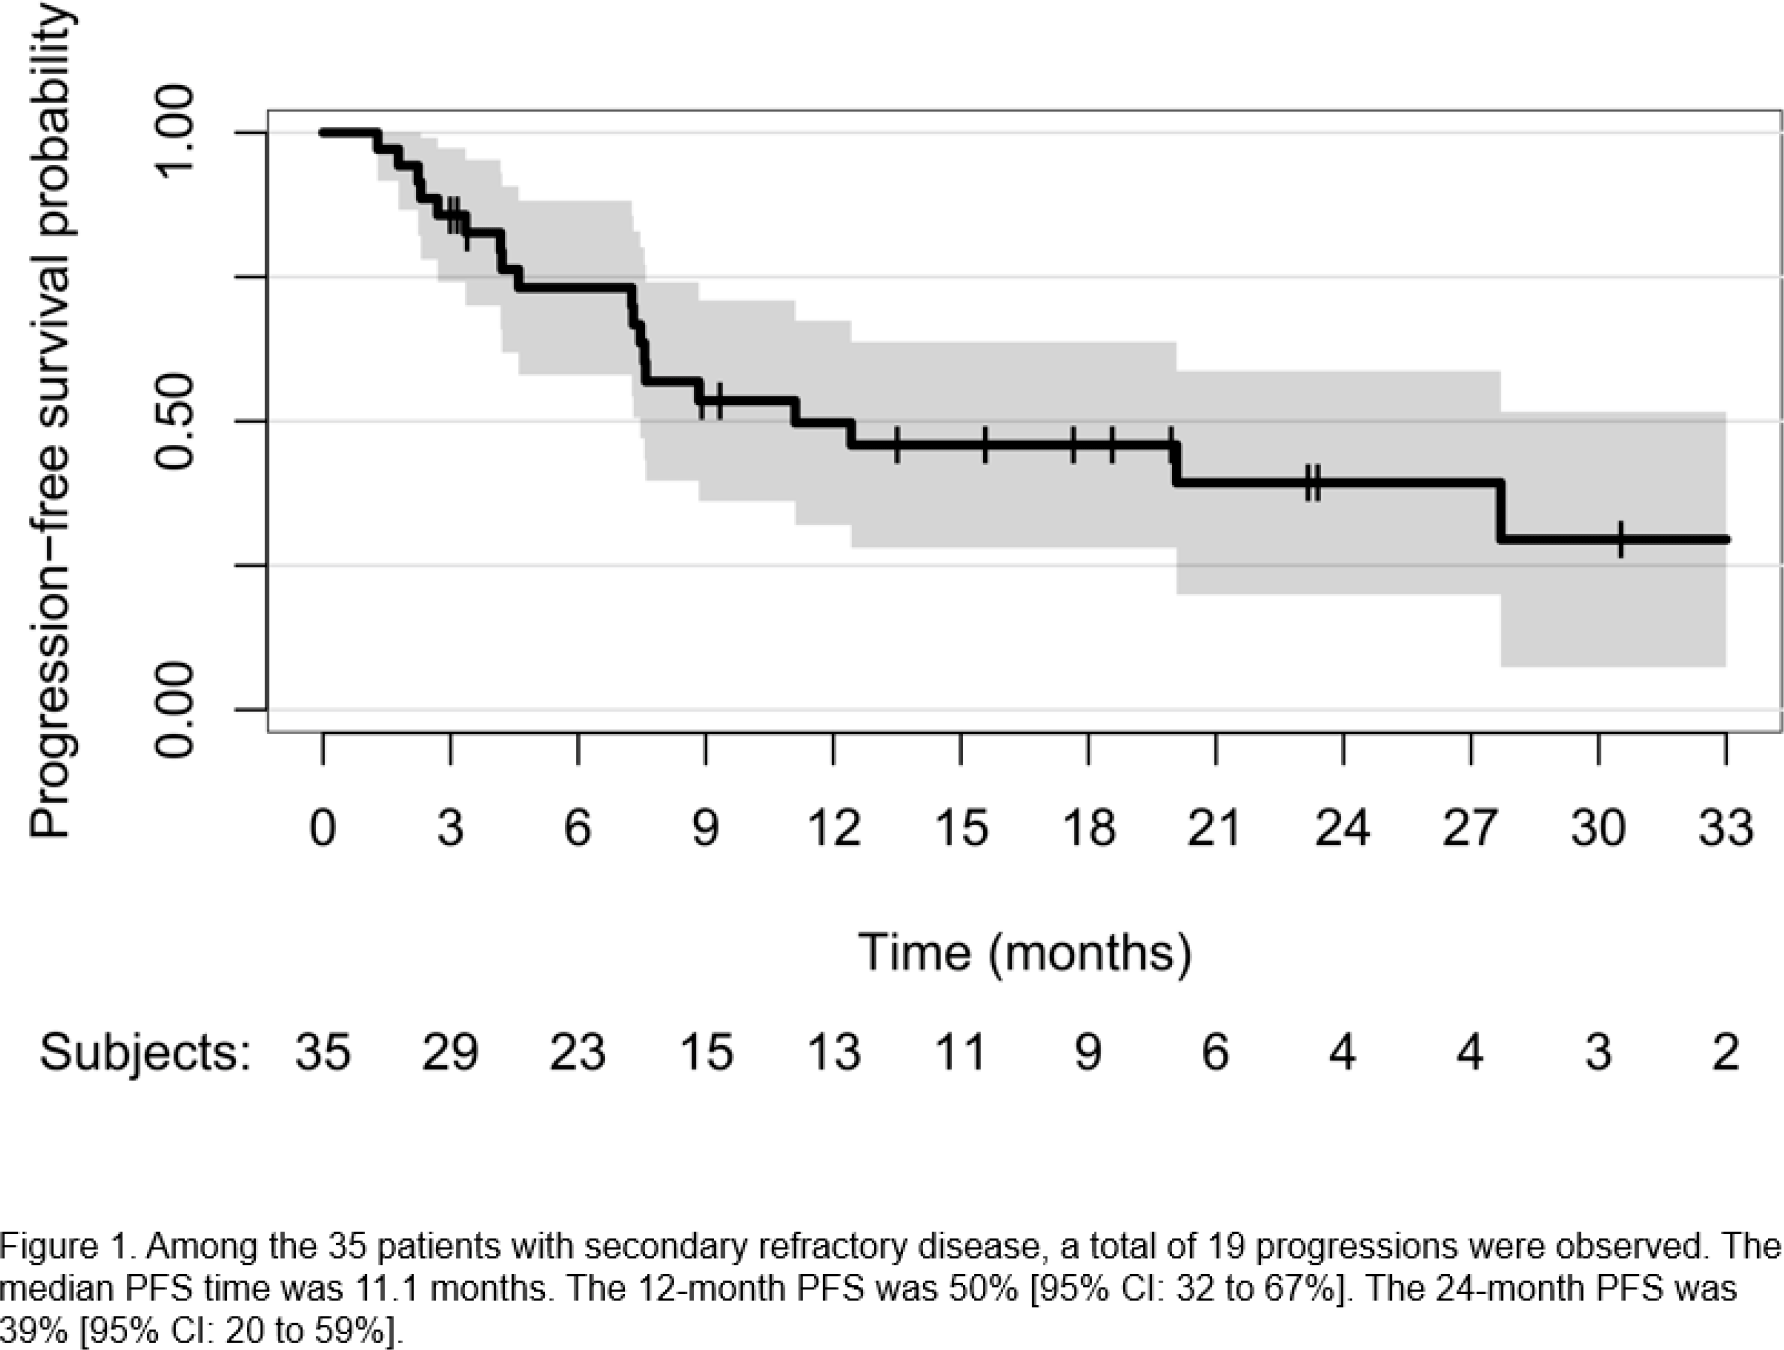 naxitamab results 02 - Накситамаб и иммунотерапия нейробластомы